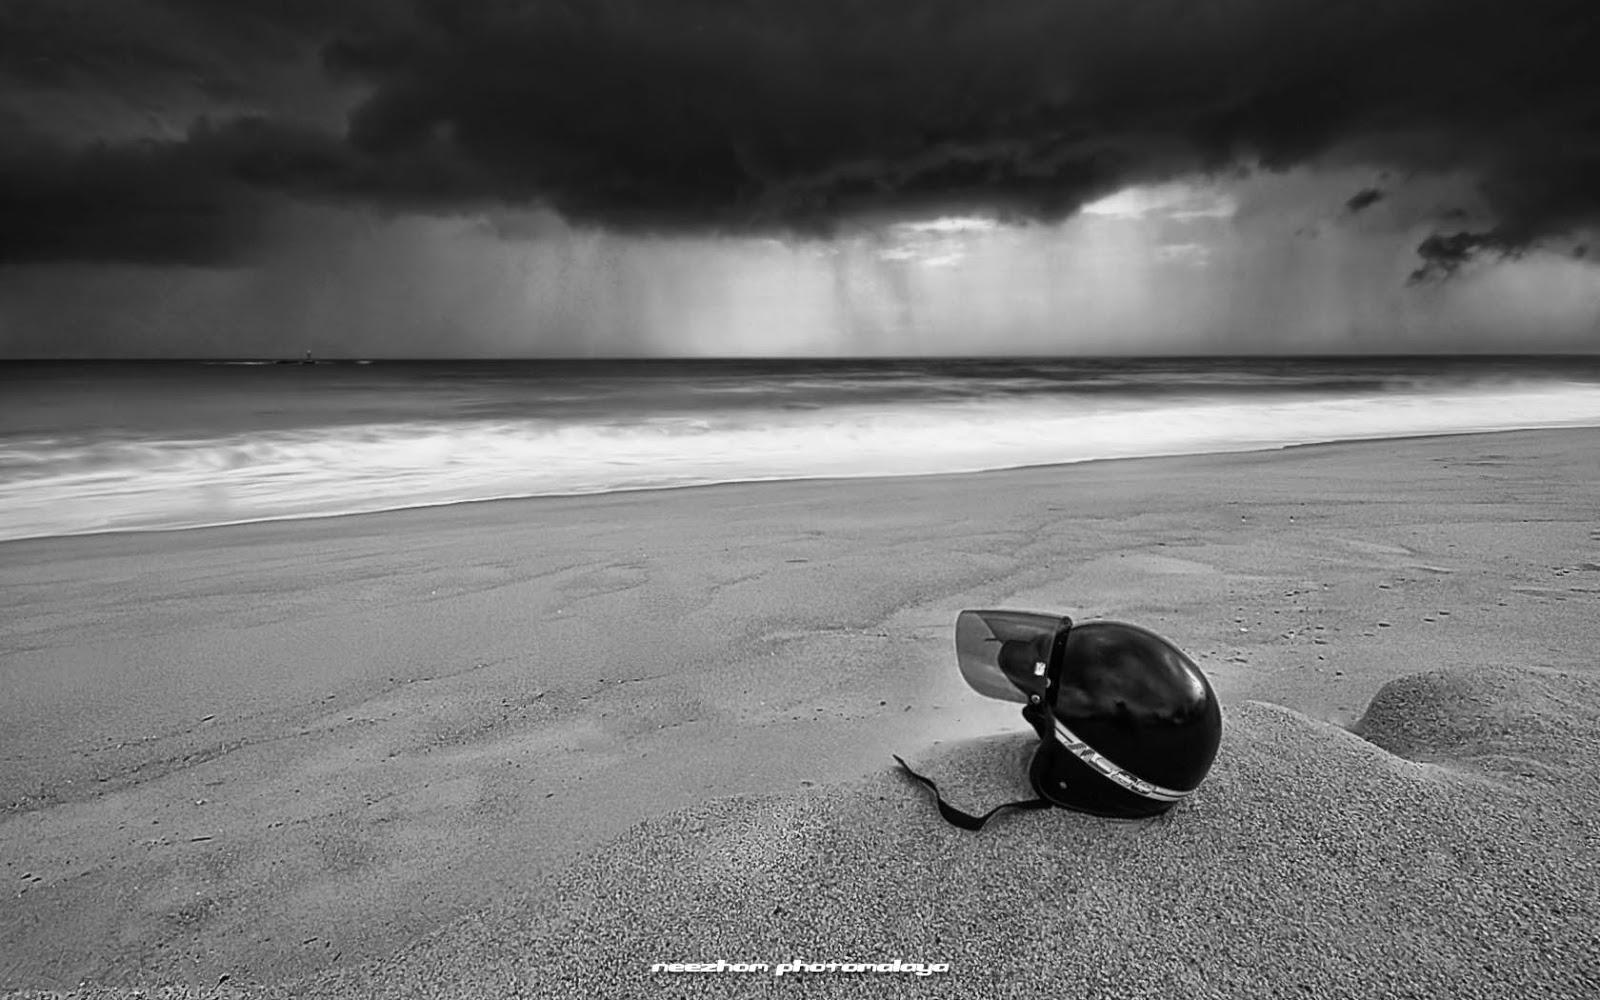 hujan lebat datang menyerbu ke Pantai Batu Rakit